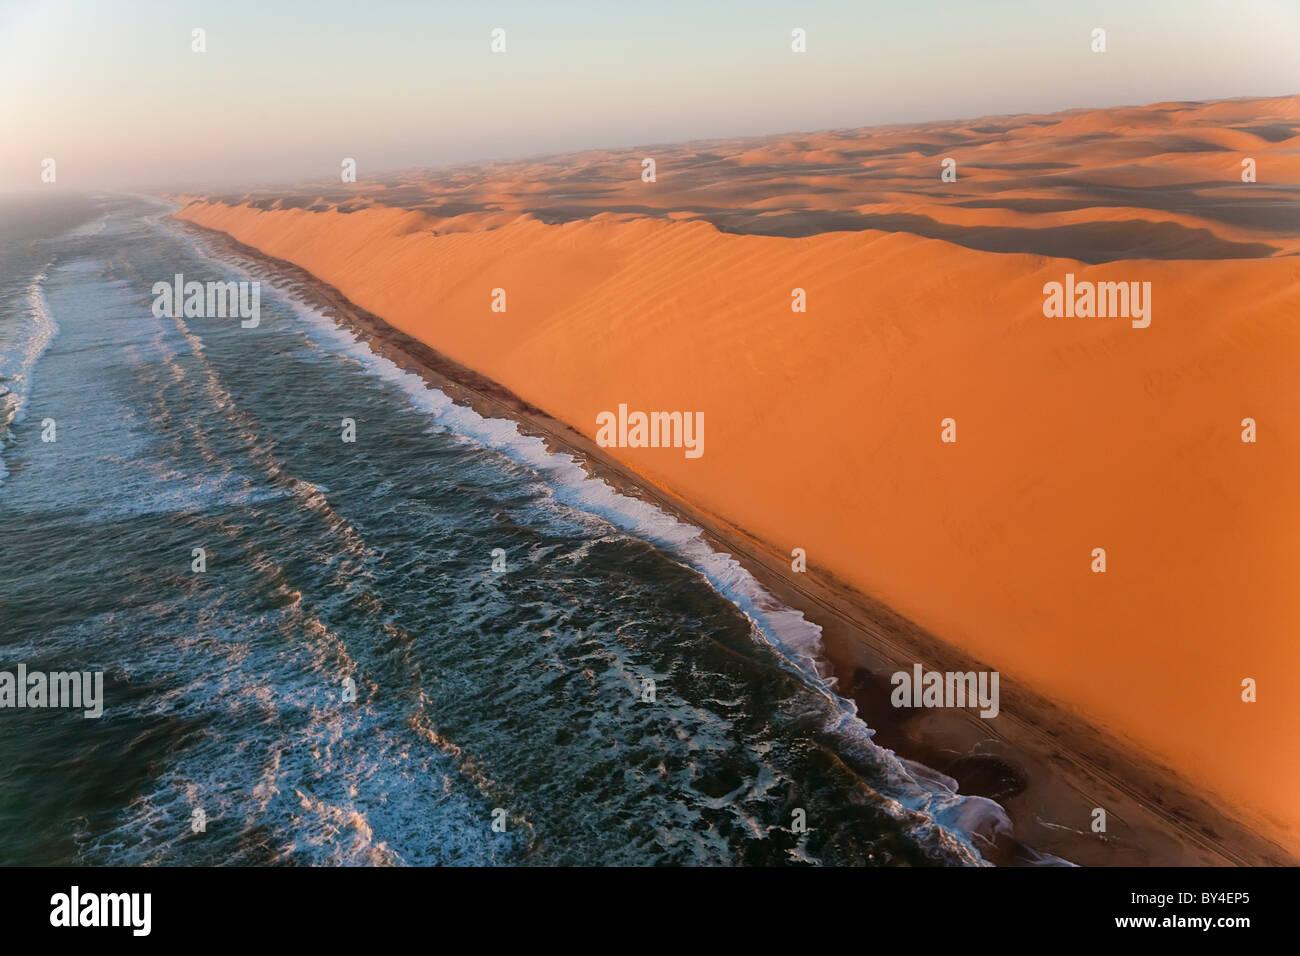 Vue aérienne sur des dunes et de la Mer, Désert du Namib, Namibie Photo Stock